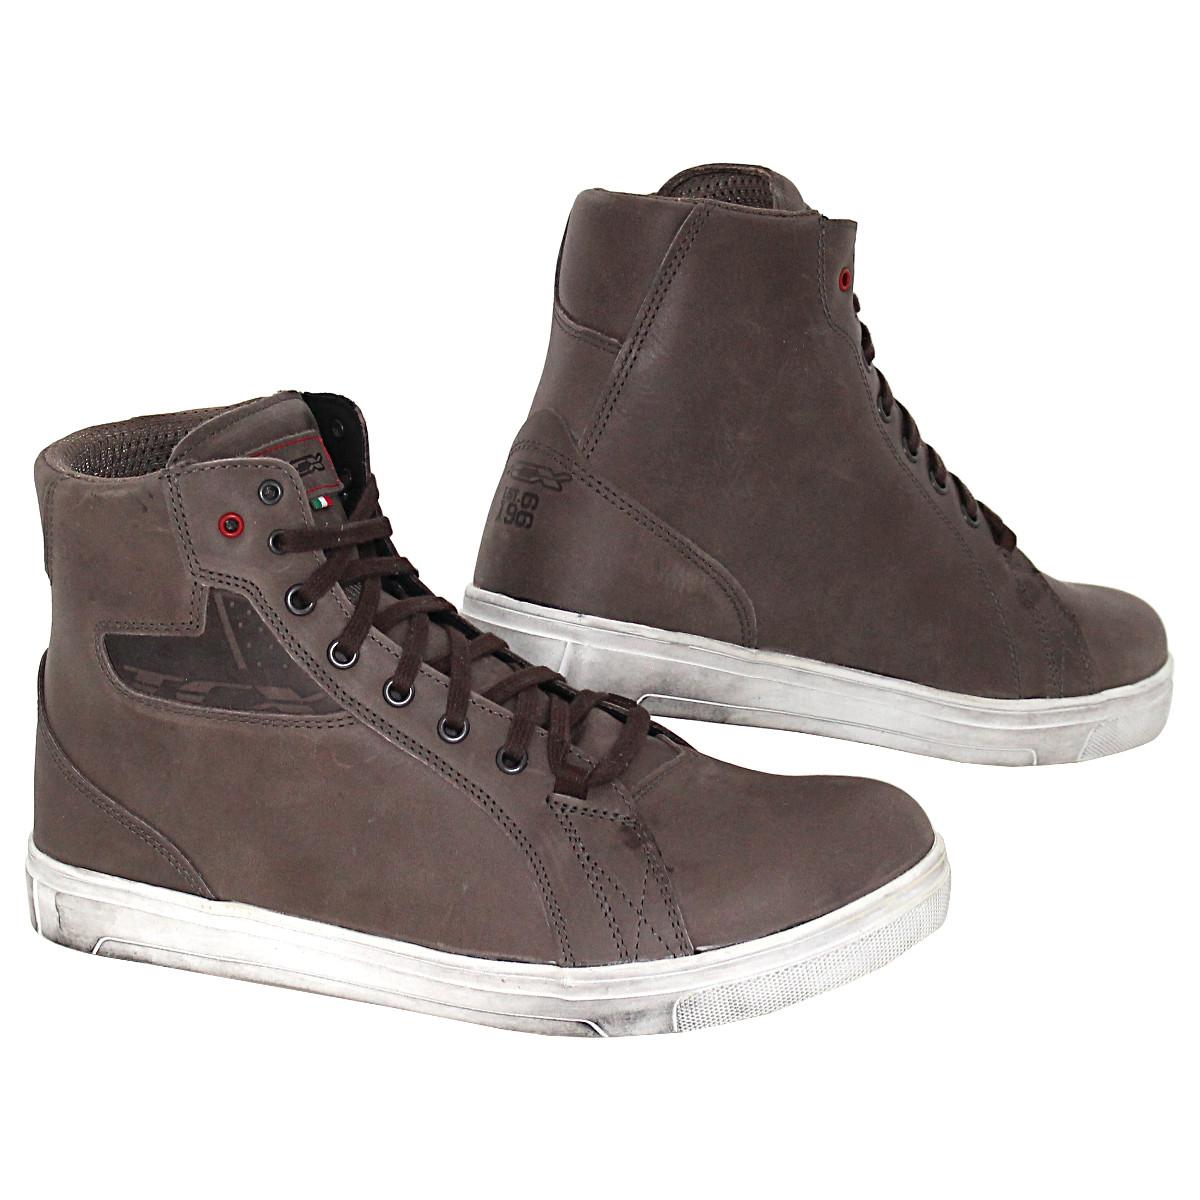 TCX STREET ACE Motorradstiefel  Leder Sneaker Boots Motorrad Schuhe wasserdicht